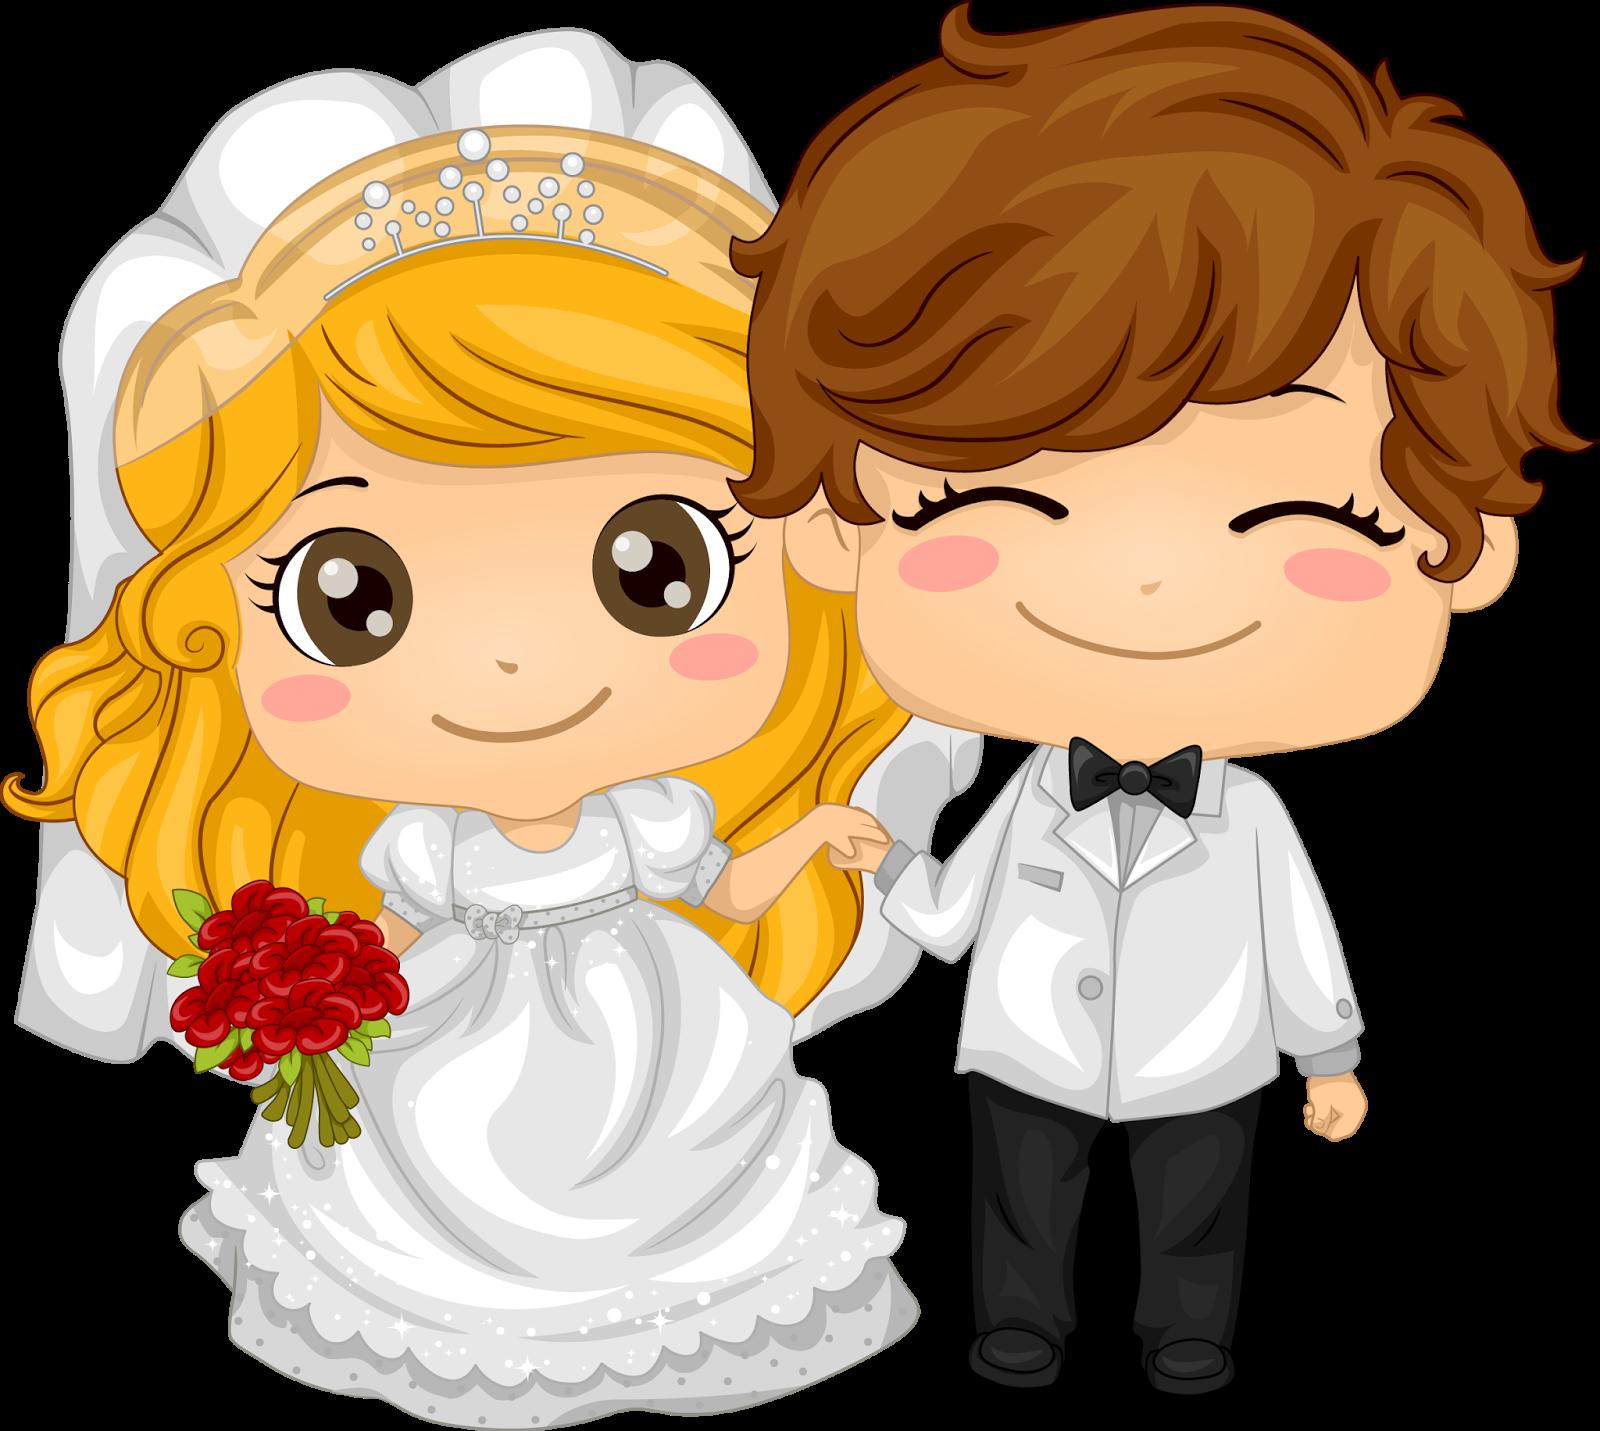 мультяшные картинки про свадьбу использовал